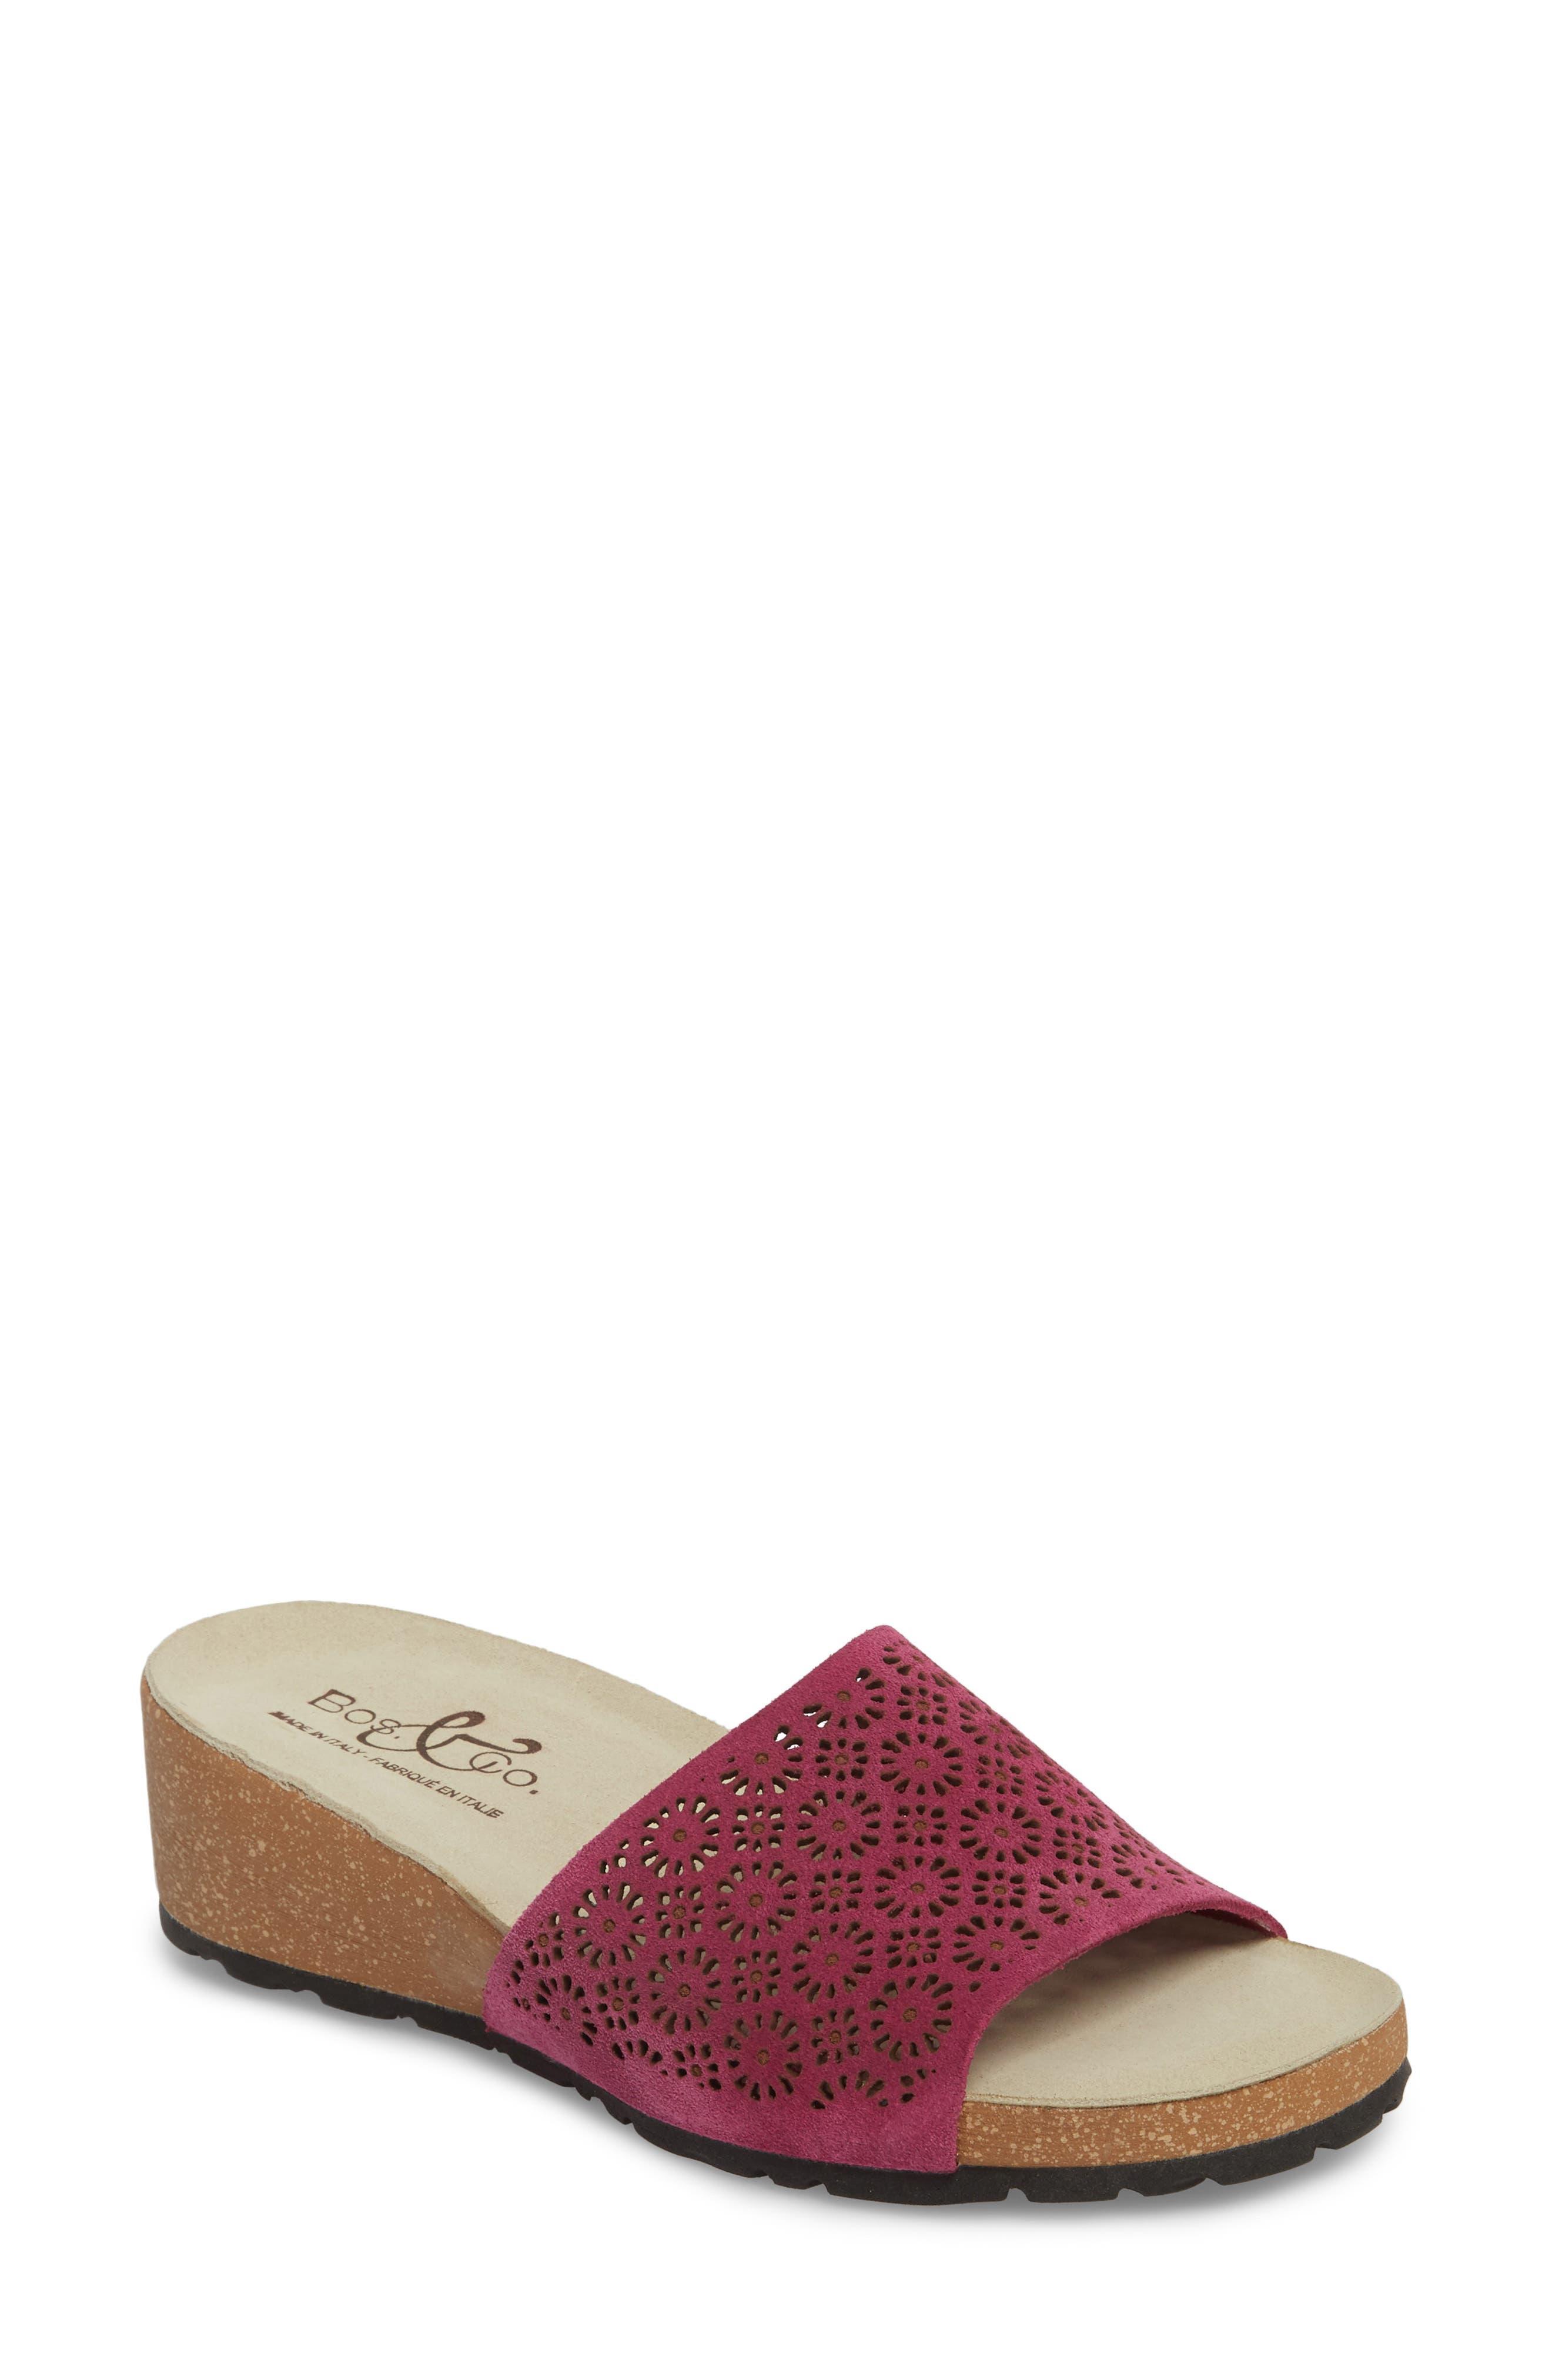 Bos. & Co. Loa Wedge Slide Sandal - Pink